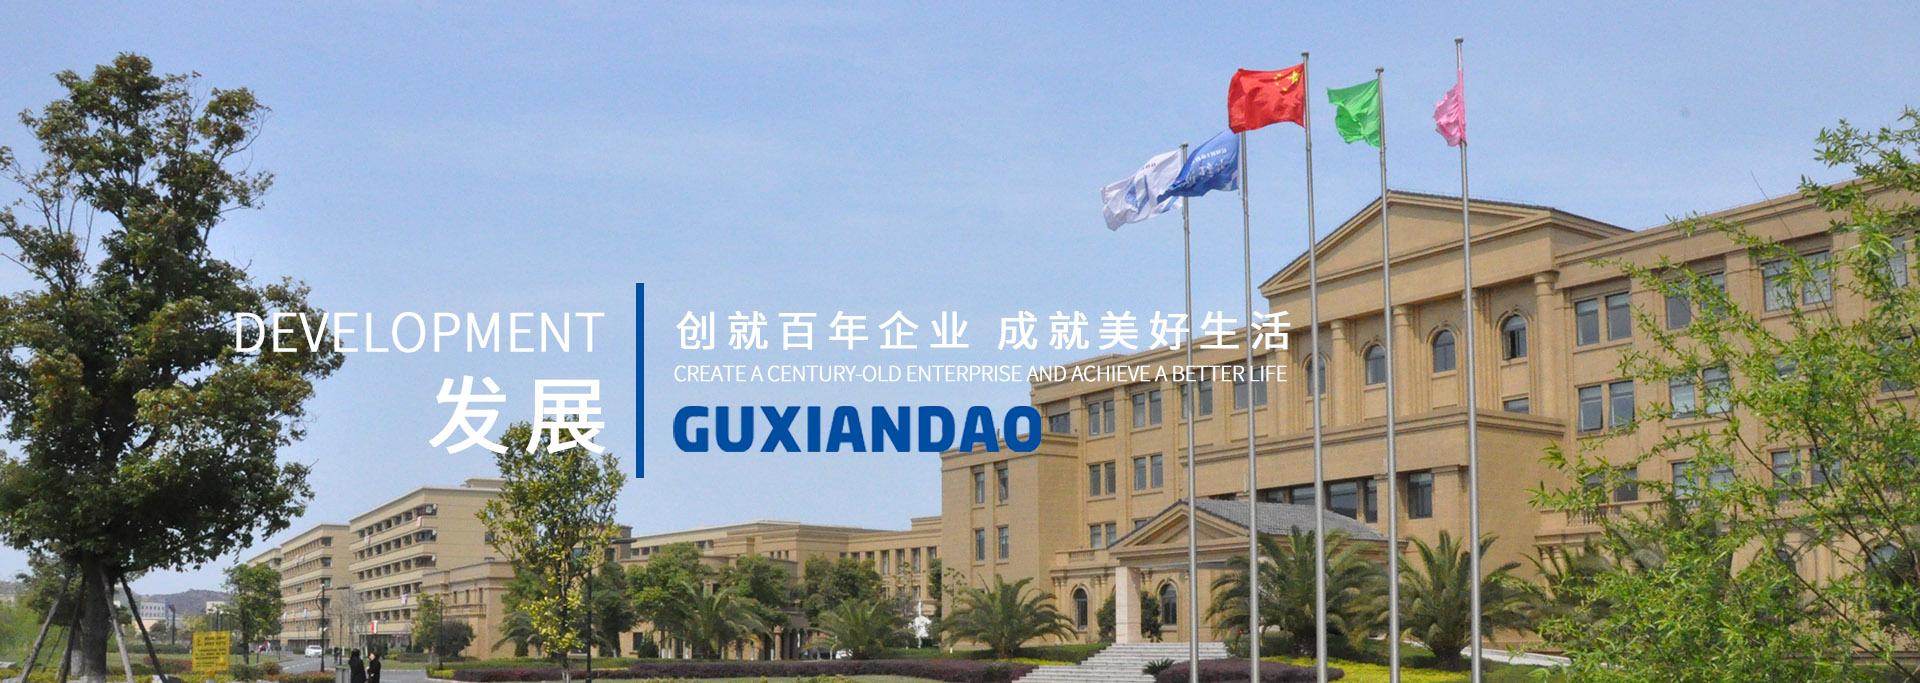 Guxiandao Company